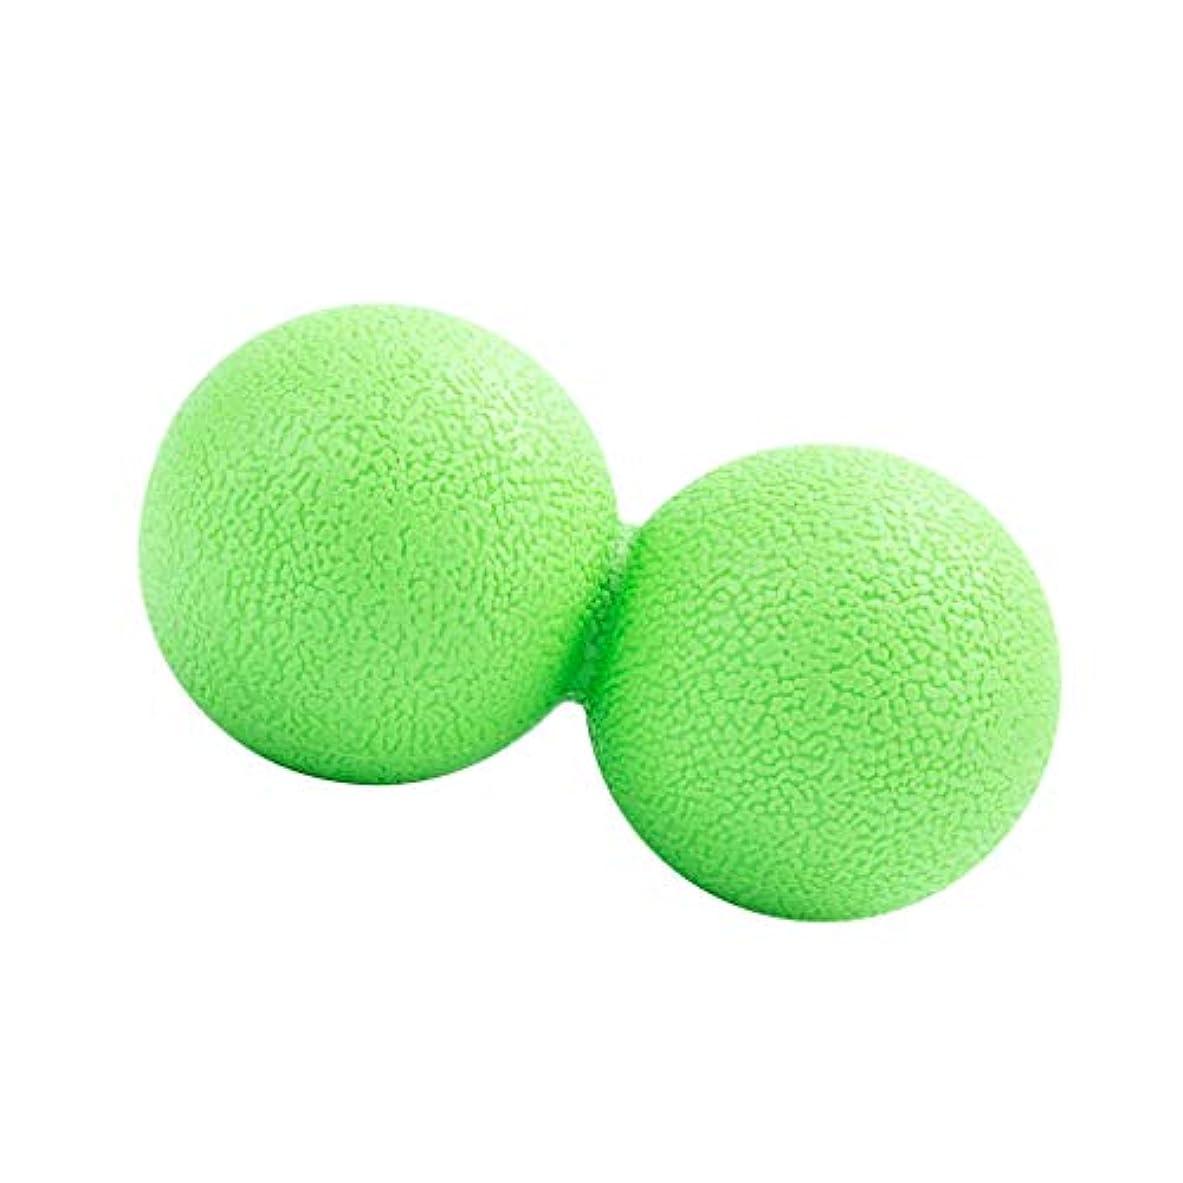 辞書苦行甥マッサージボール ピーナッツ型 筋リラクサー モビリティボール 健康器具 全2色 - 緑, 13cm